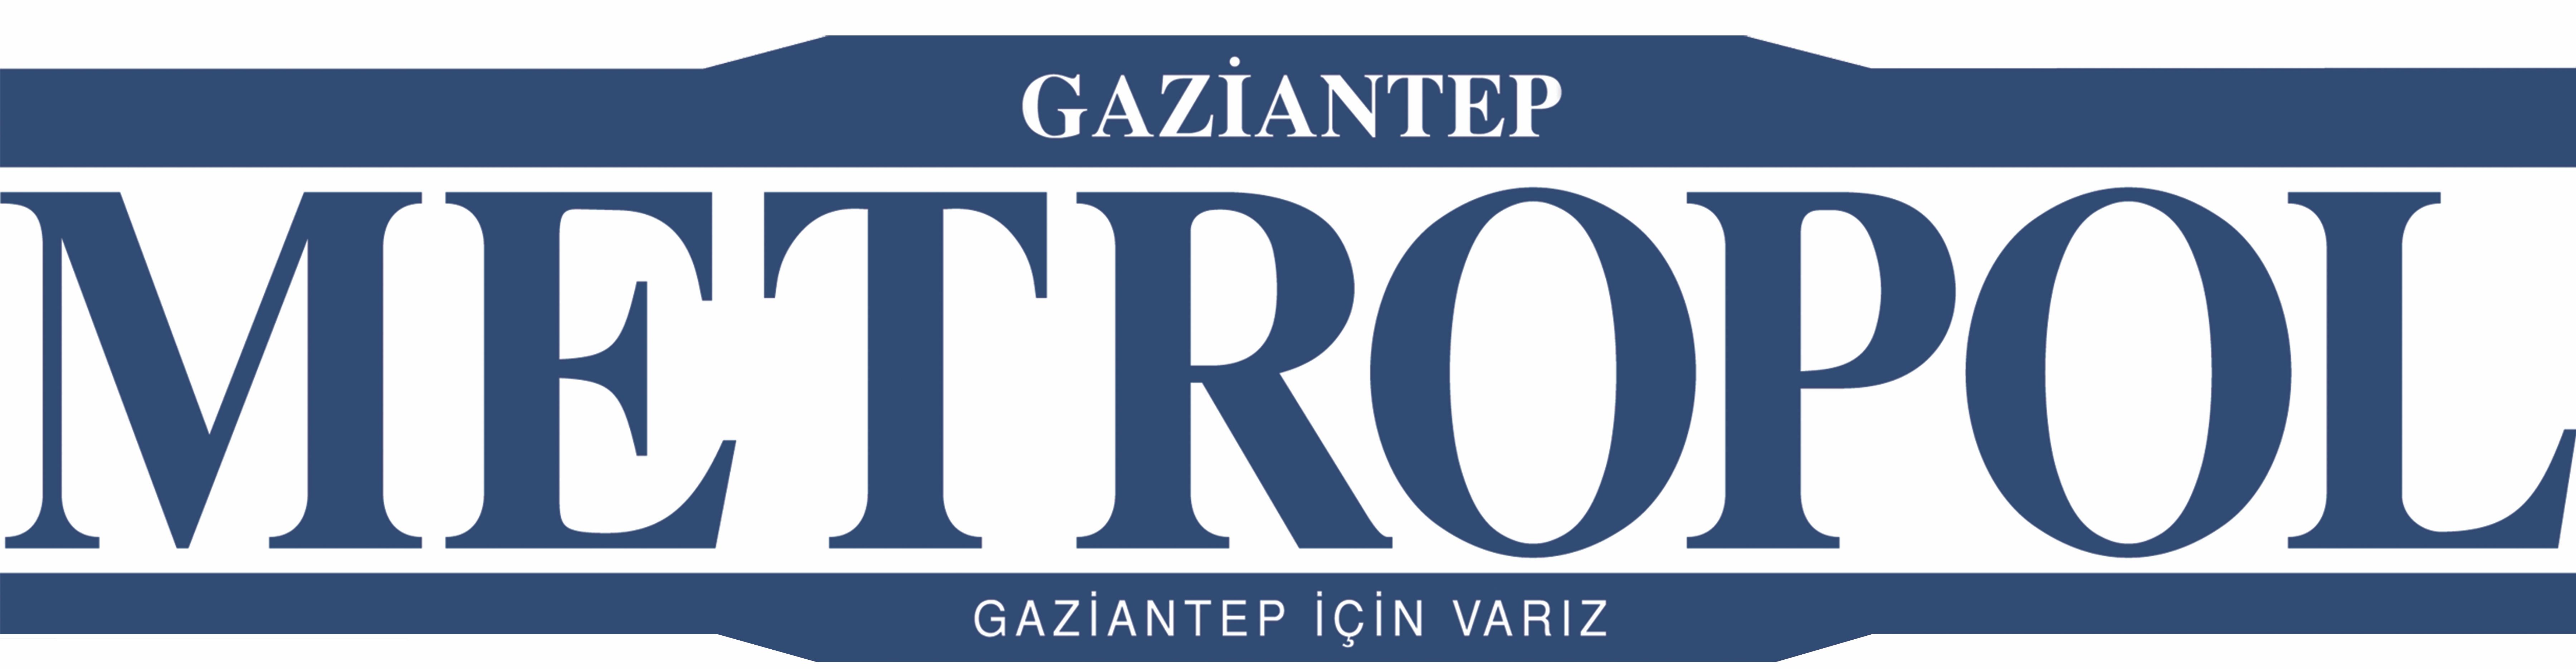 metropolgazetesi.com.tr